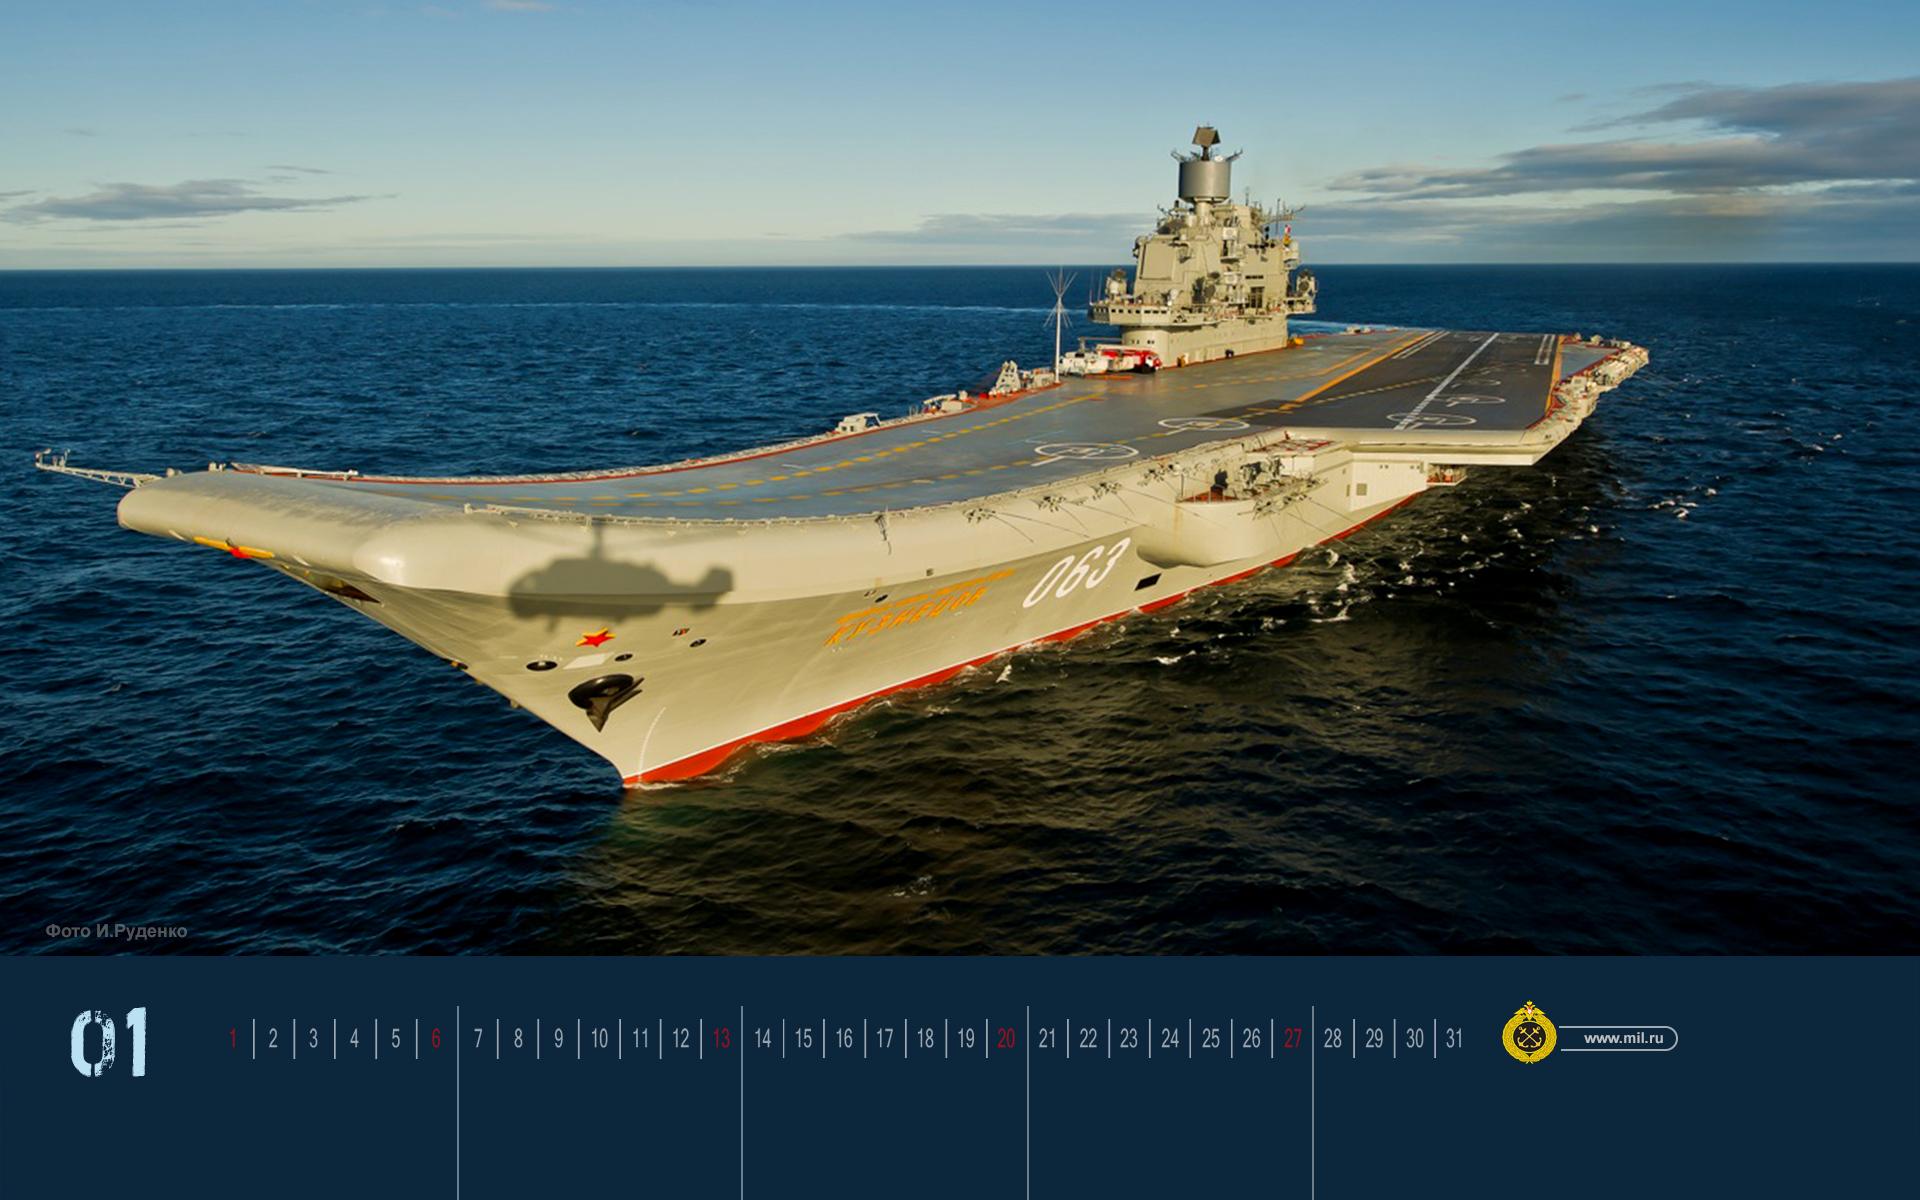 Bộ lịch ảnh 2013 tuyệt đẹp in hình vũ khí của Hải ...